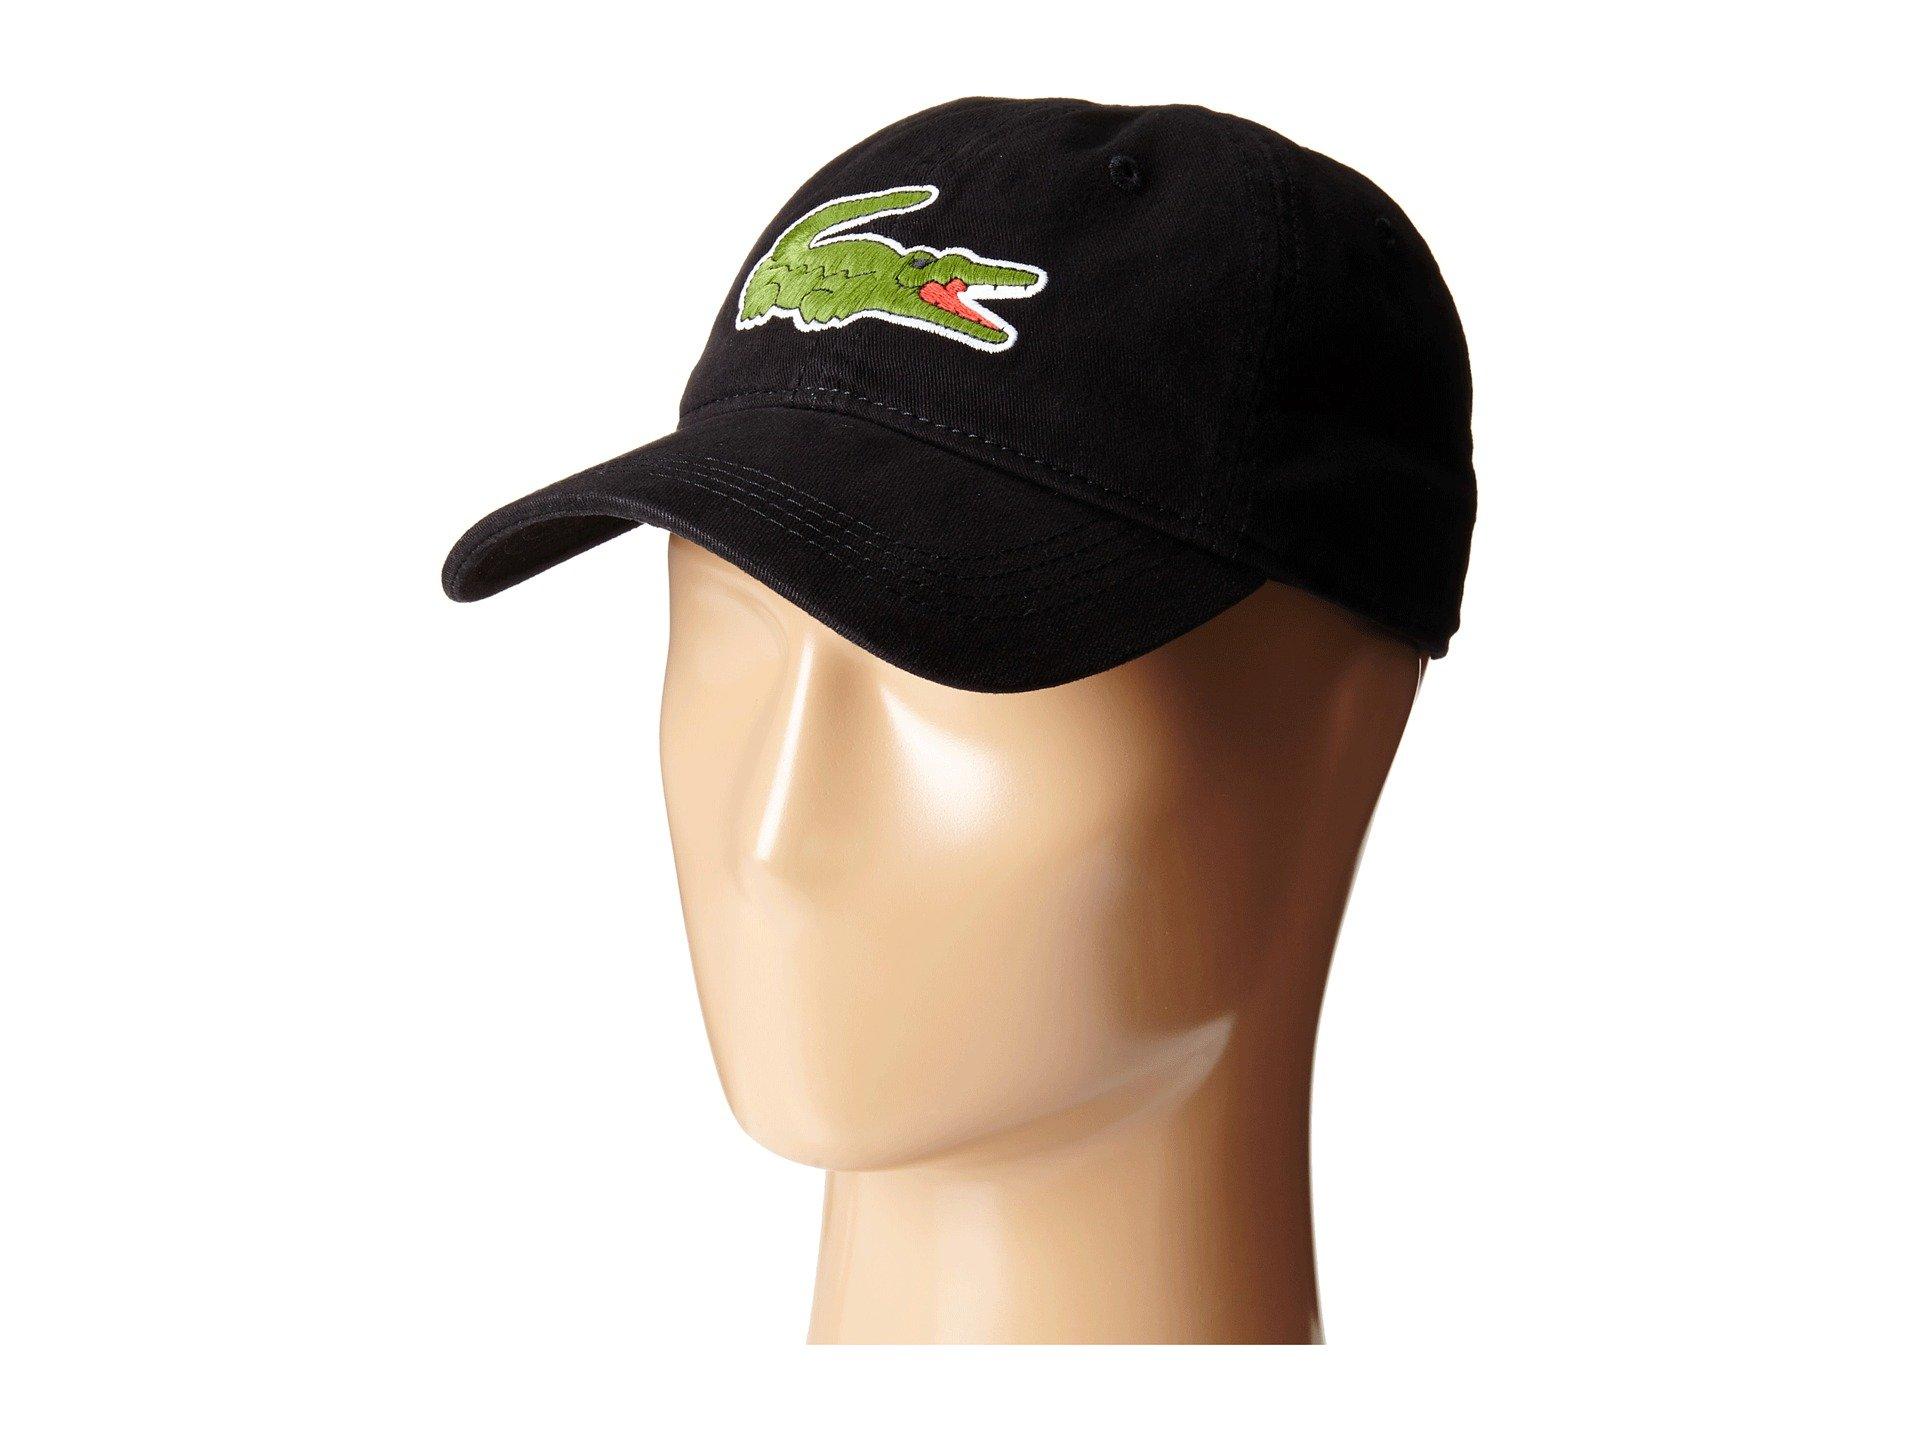 Lacoste Hats + FREE SHIPPING  e3e8c45f670